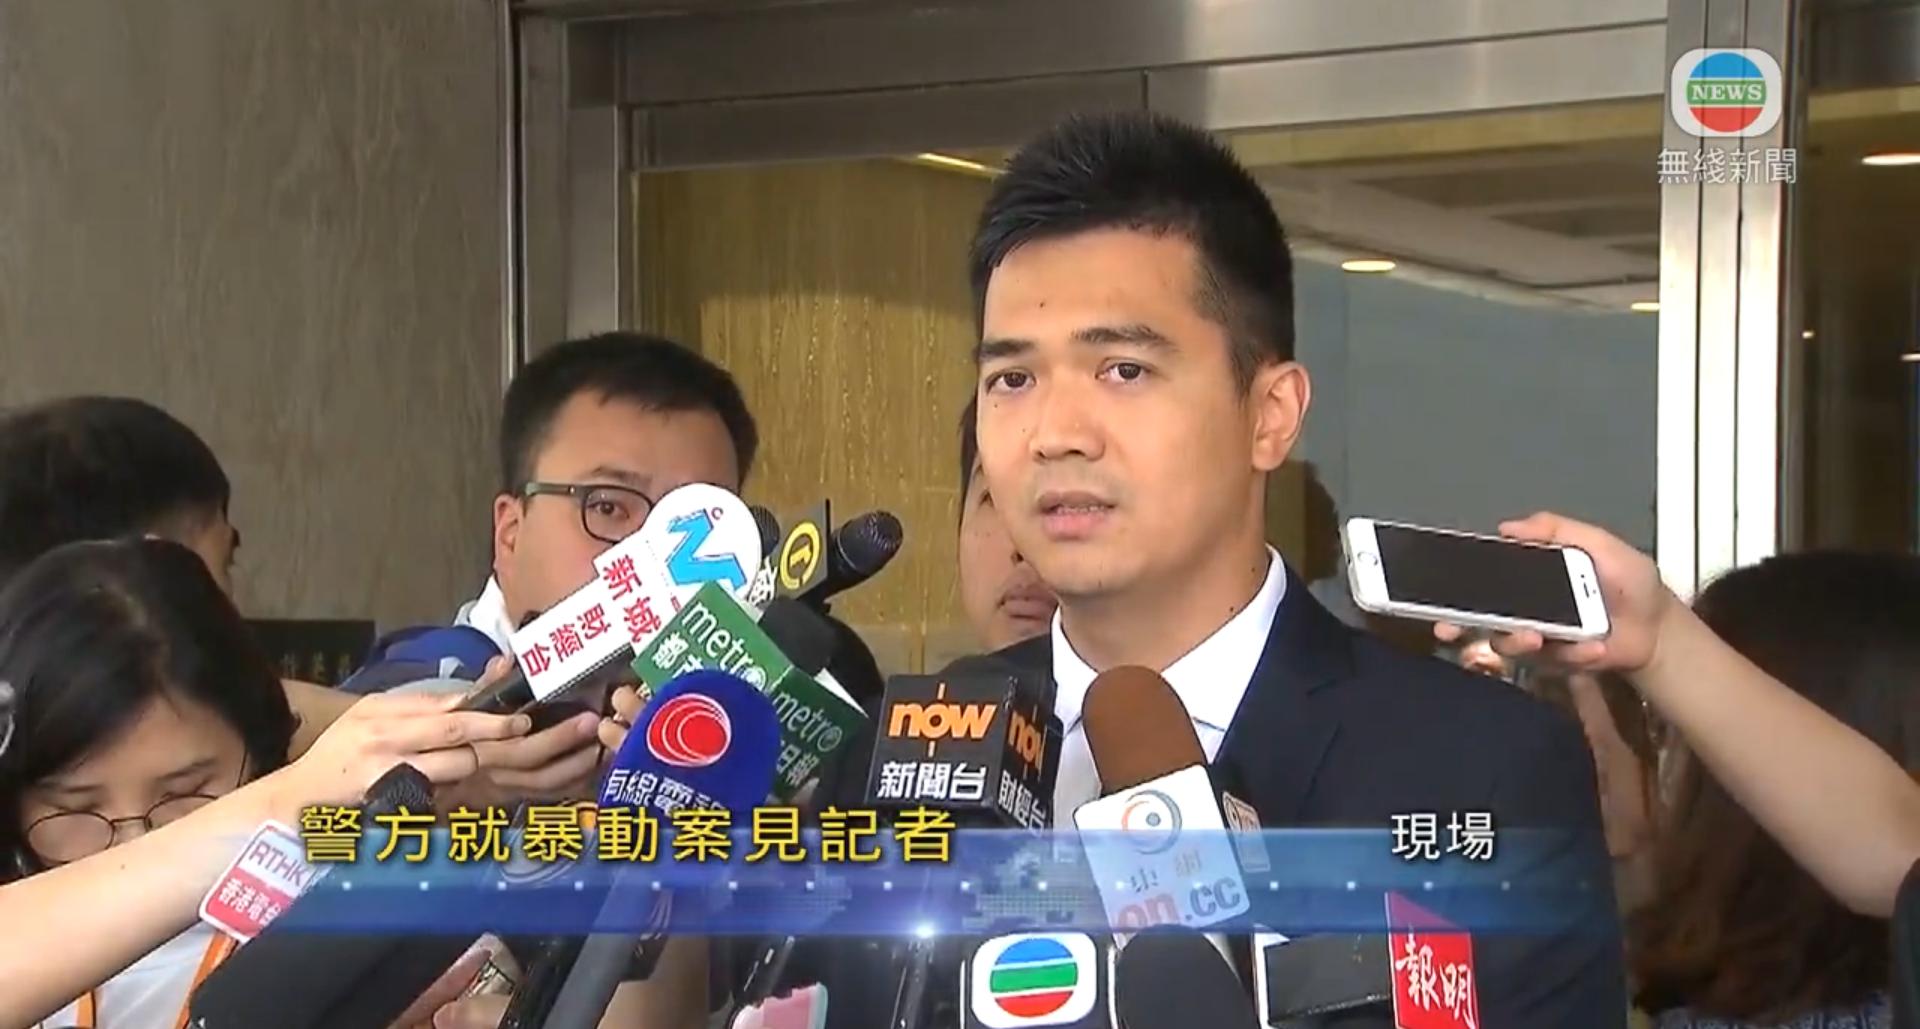 「旺暴」梁天琦囚6年 港警:對暴力必果斷執法